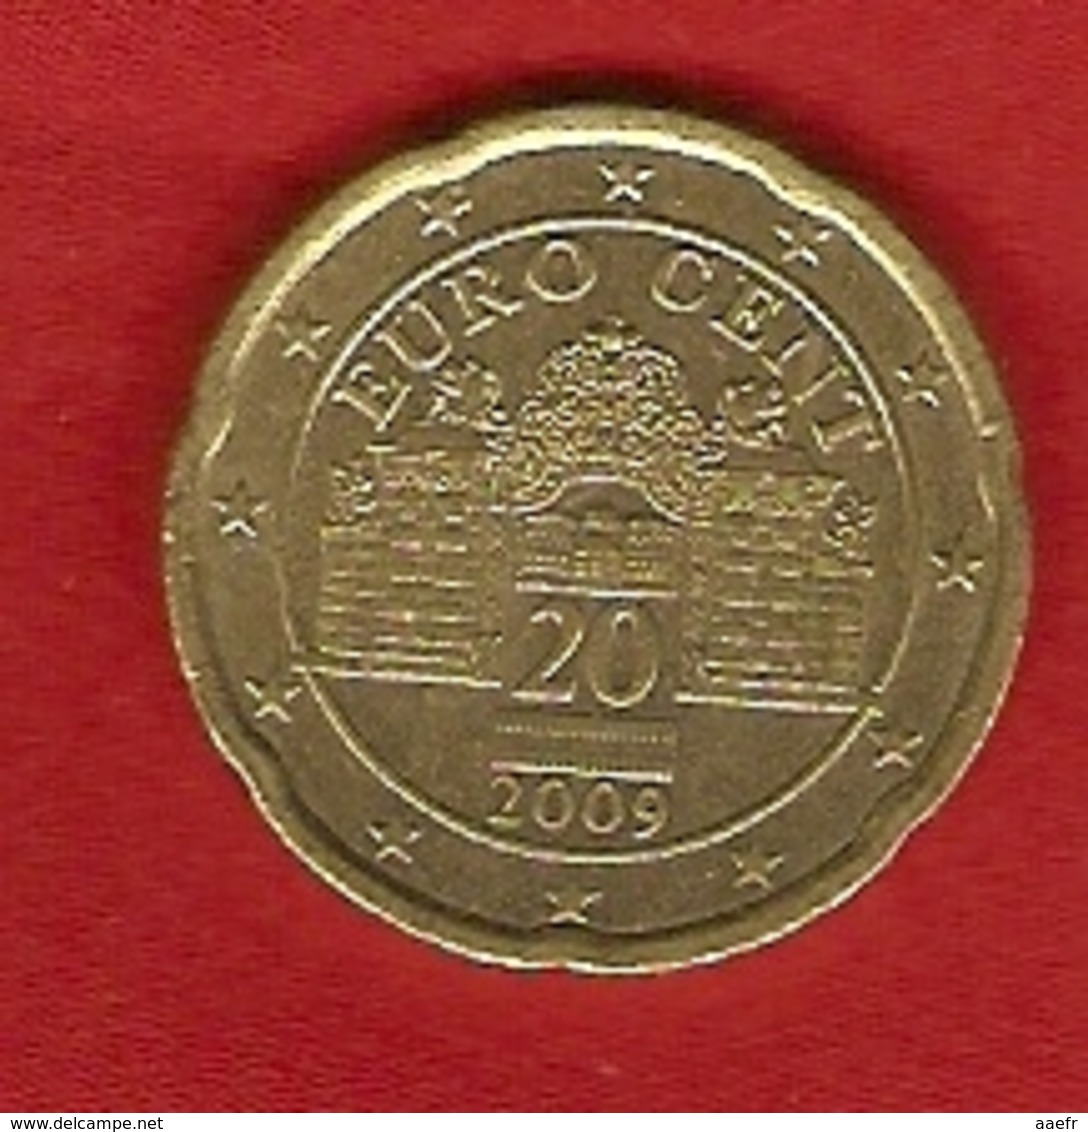 Autriche 2009 - 20 Cents - Grilles Du Belvedère - Autriche